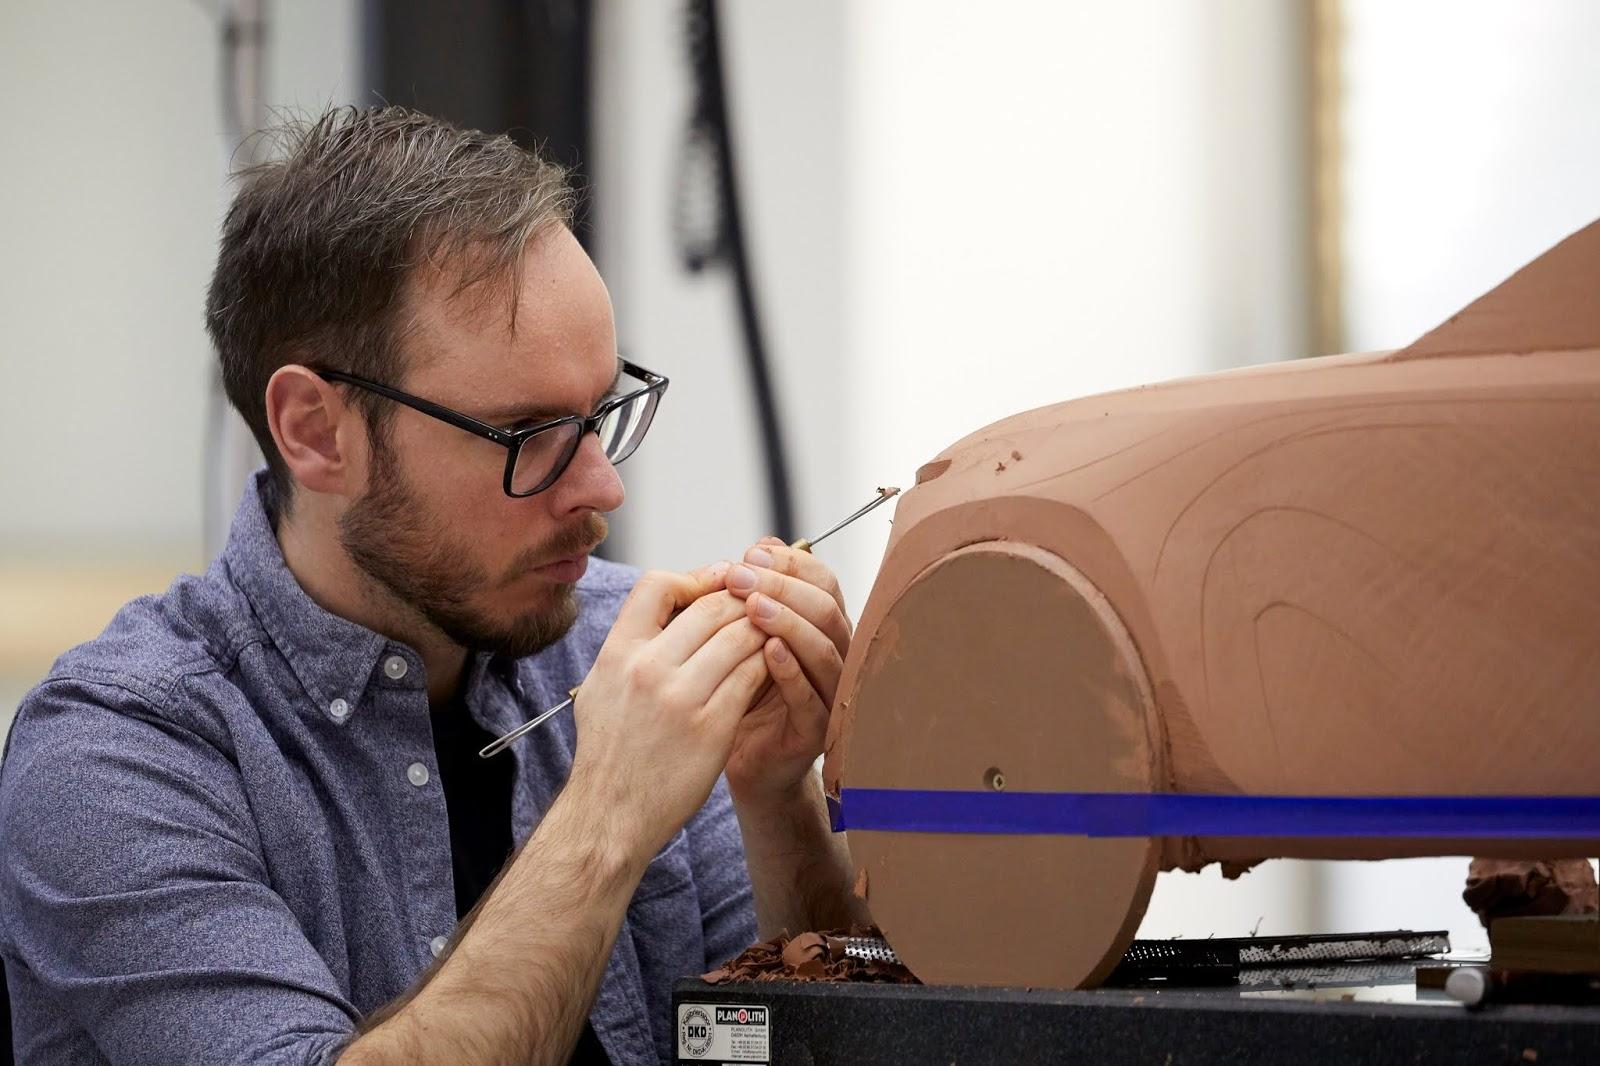 0086 Mazda Design Europe clay modelling Collopy Γνώρισε τους Takumi της Mazda